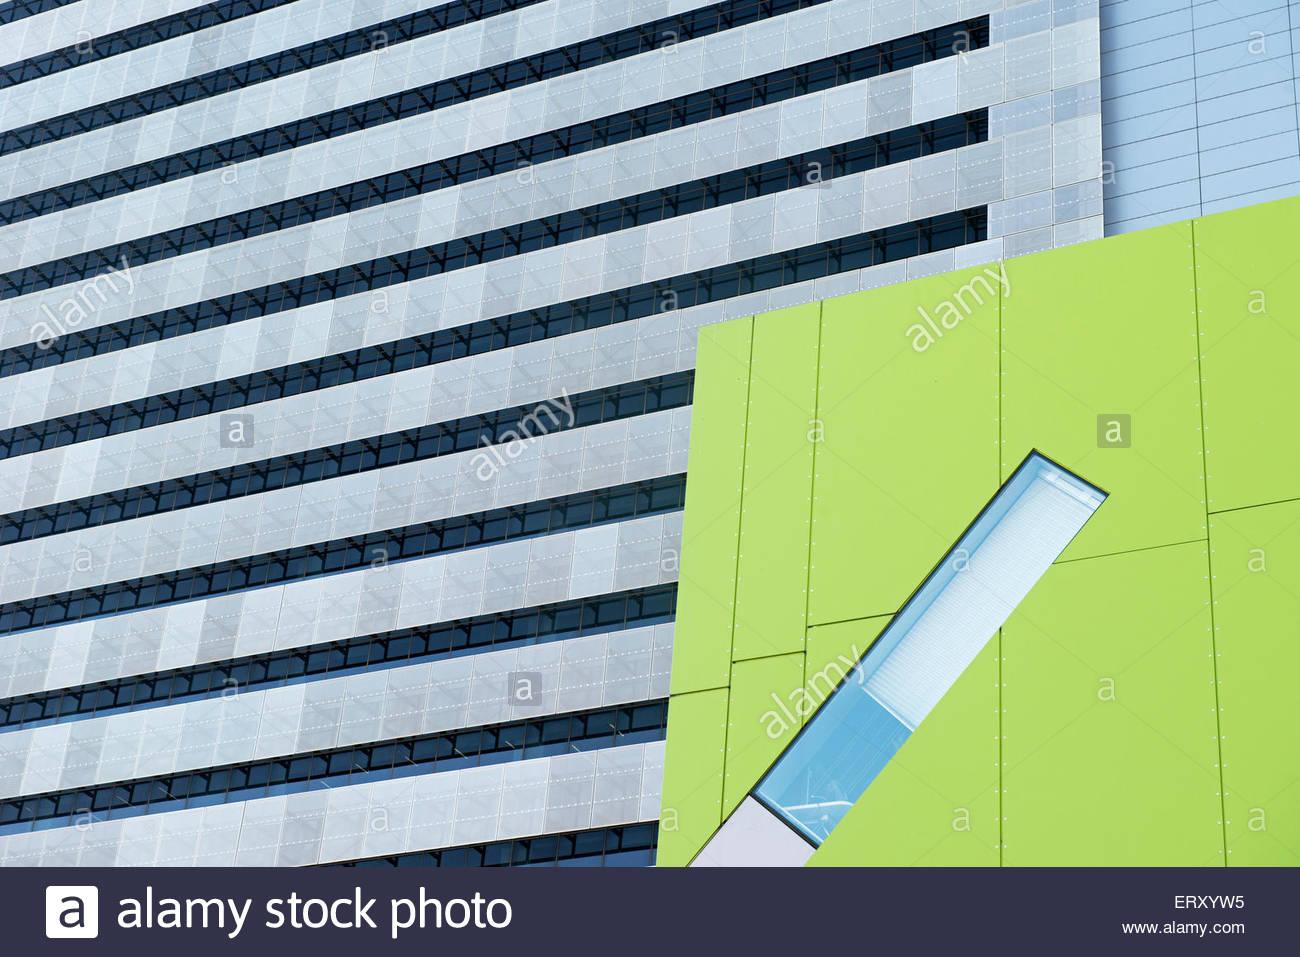 Modern architecture, Brisbane, Queensland, Australia - Stock Image